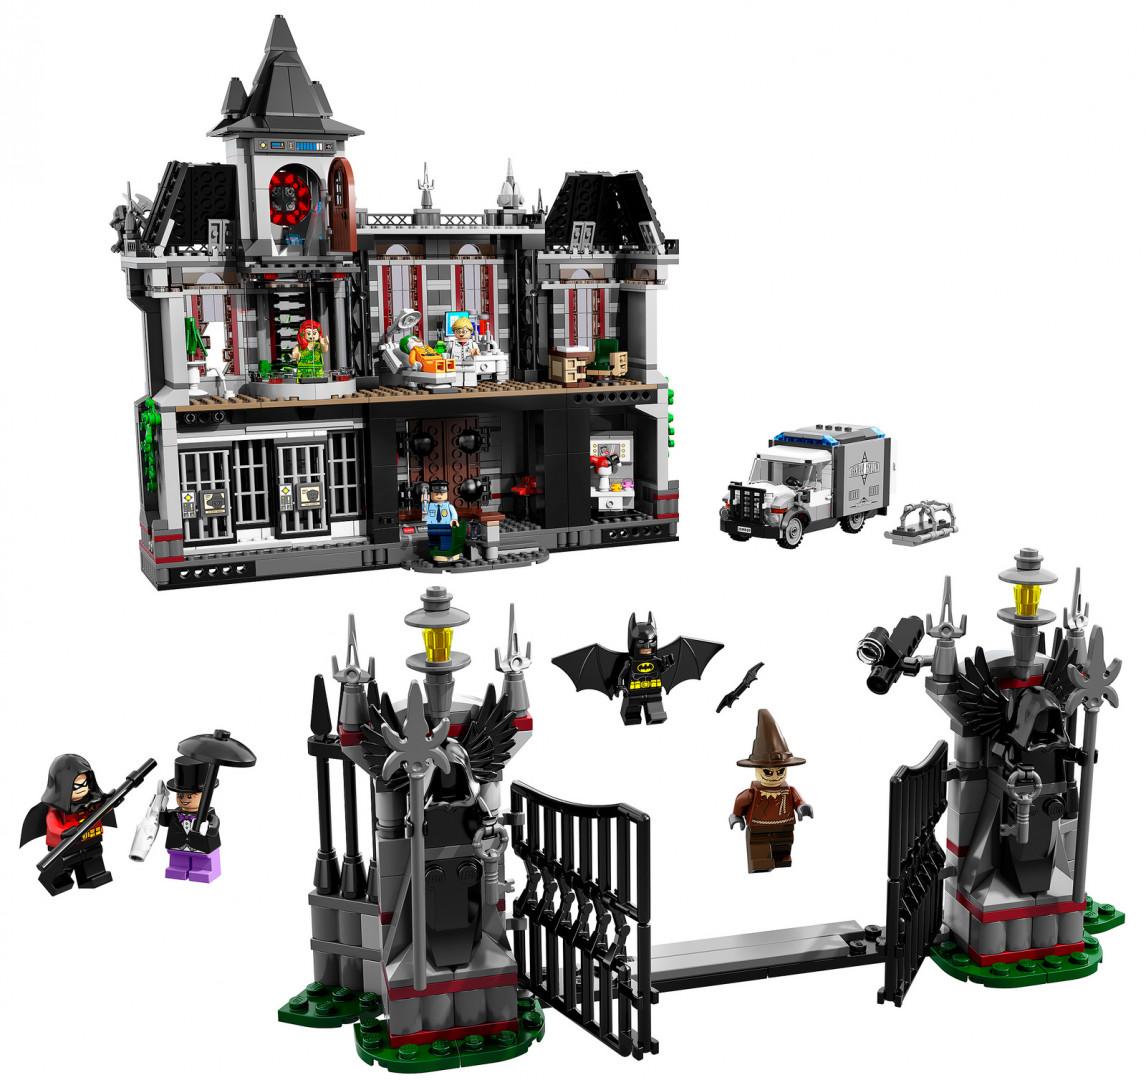 Des Lego Batman à 159 dollars sur Lego.com